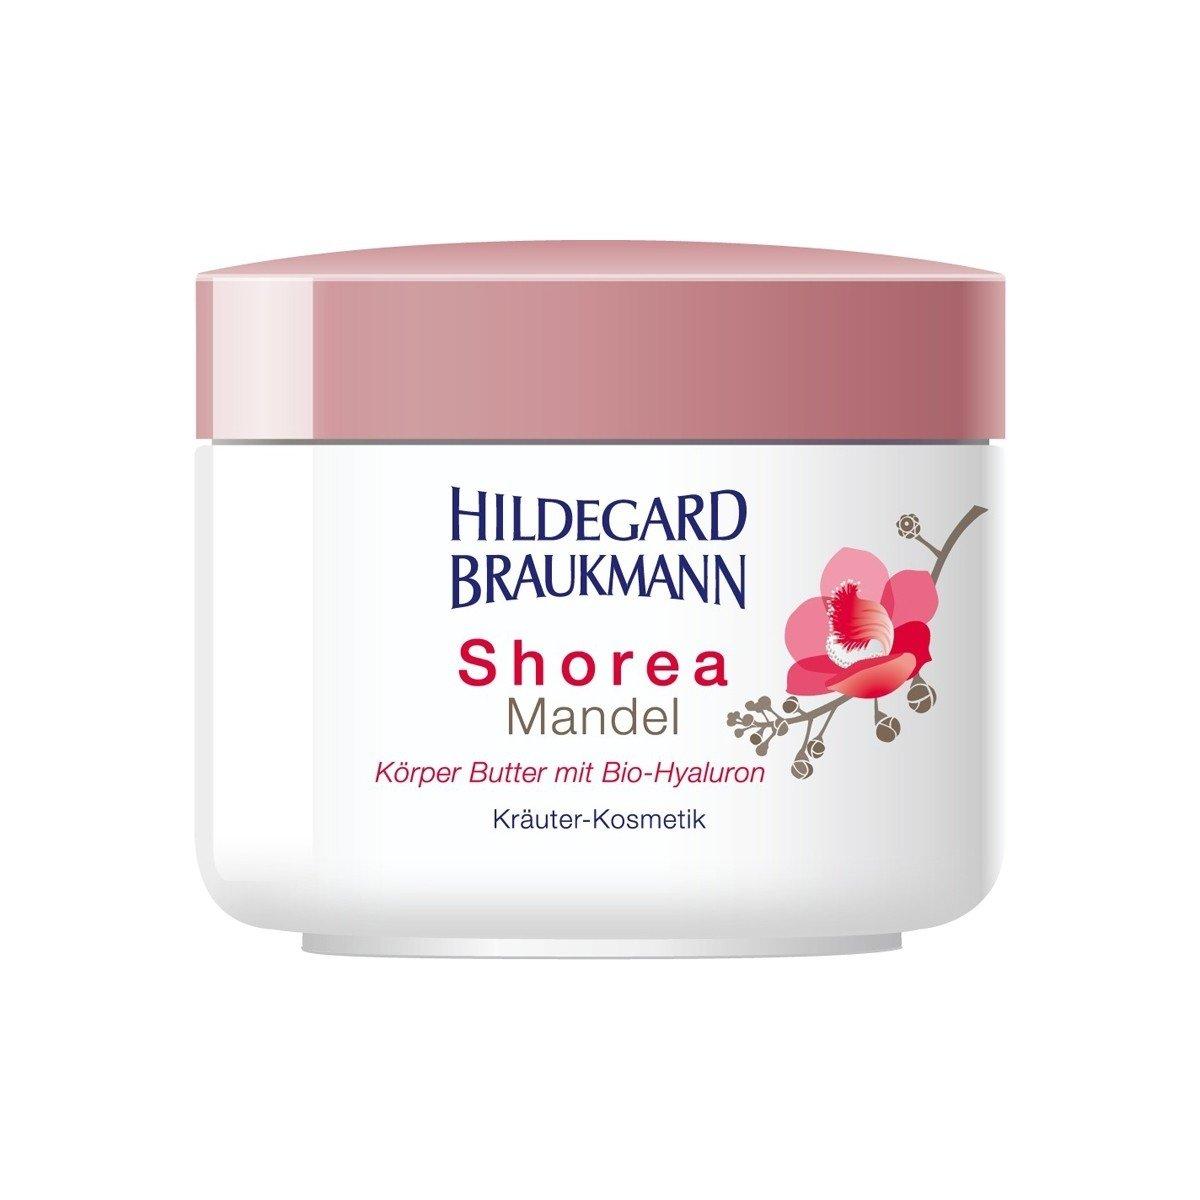 Hildegard Braukmann Shorea Mandel Körper Butter, 1er Pack (1 x 200 ml) 4016083003780